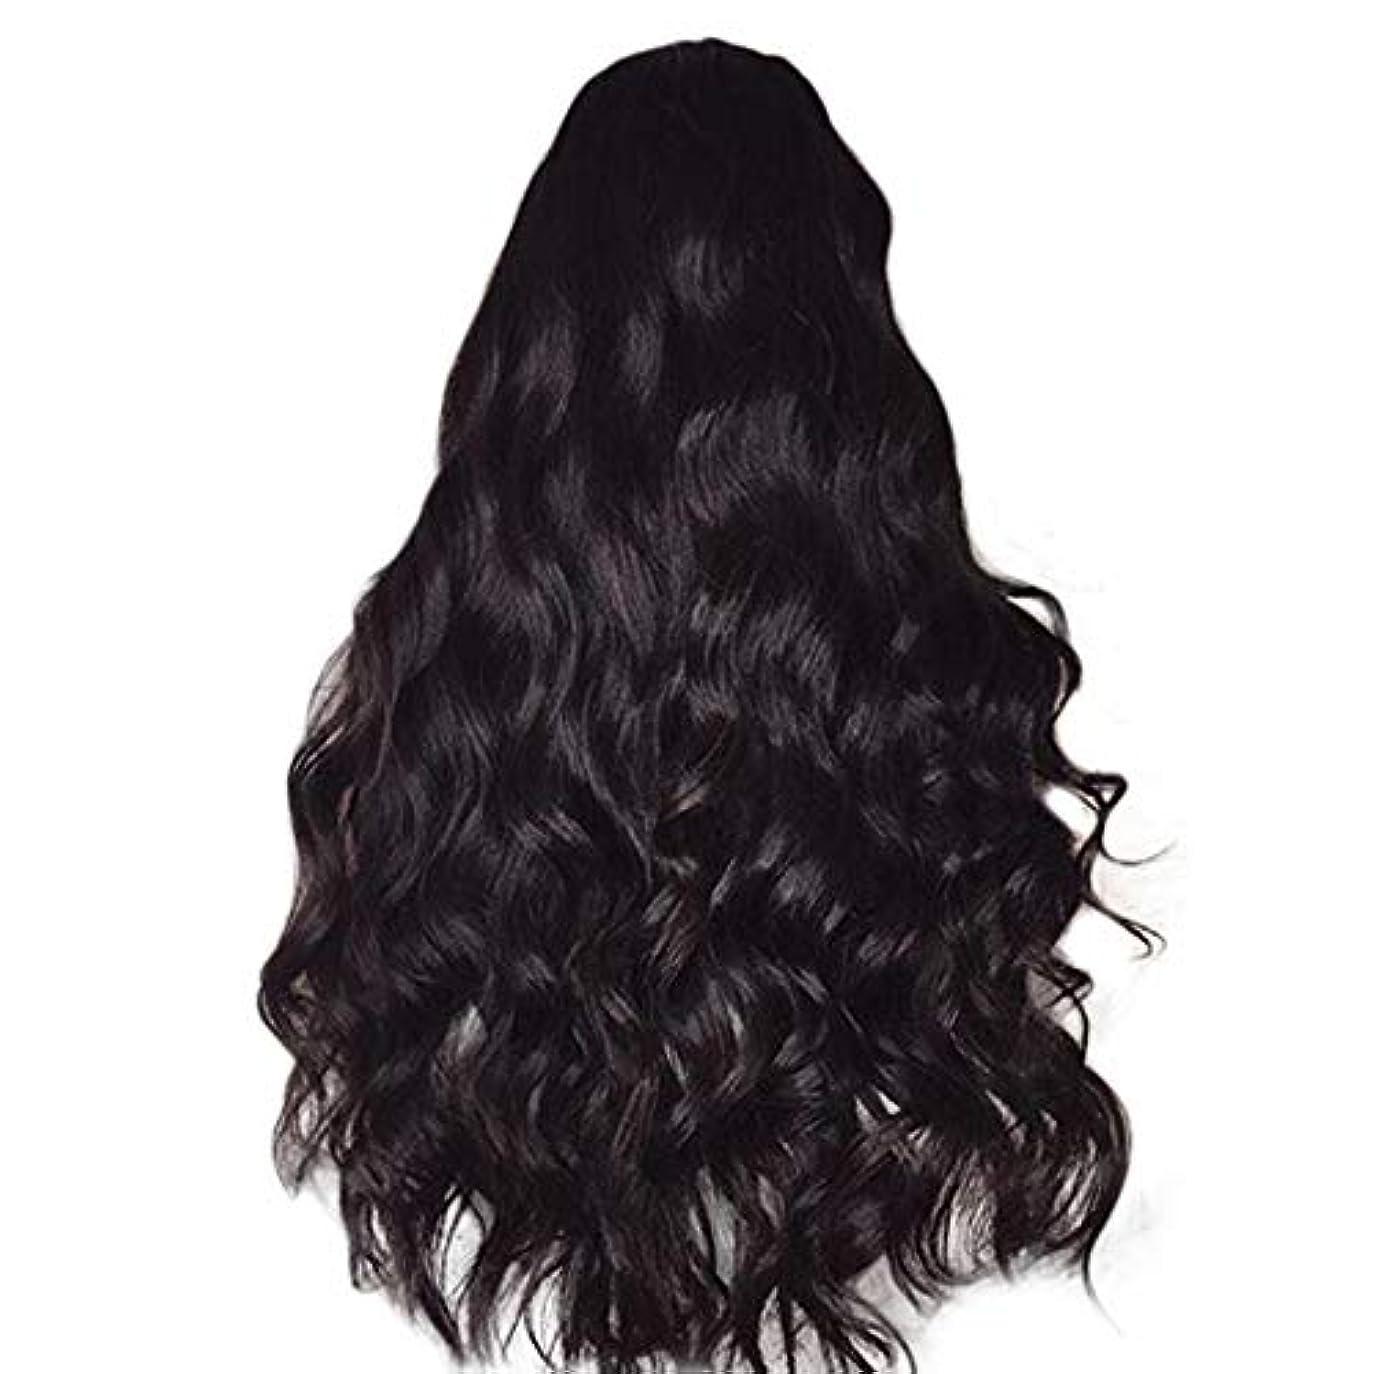 隙間コメント代理店女性のかつら長い巻き毛黒ふわふわビッグウェーブウィッグ65 cm